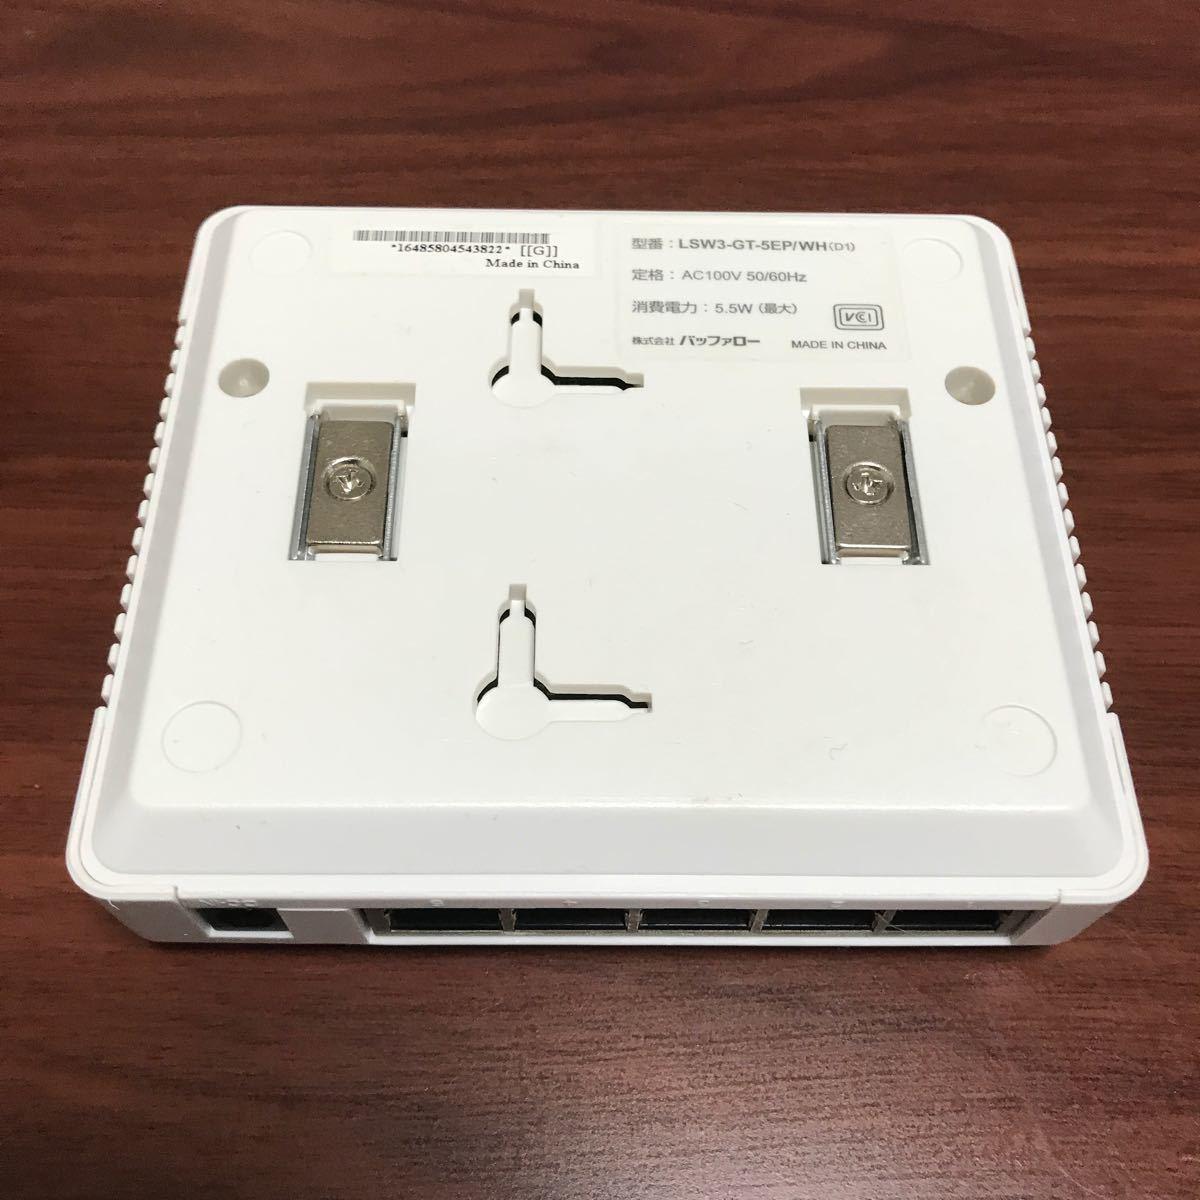 LANケーブル CAT6 20m+BUFFALO Giga対応 5ポート ホワイト スイッチングハブ LSW3-GT-5EP/WH